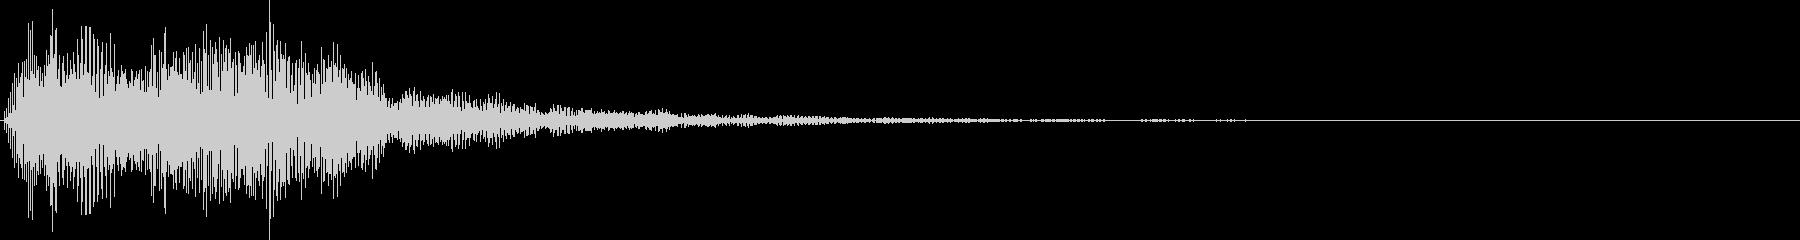 デデーン2 (クイズ出題系 音程普通)の未再生の波形